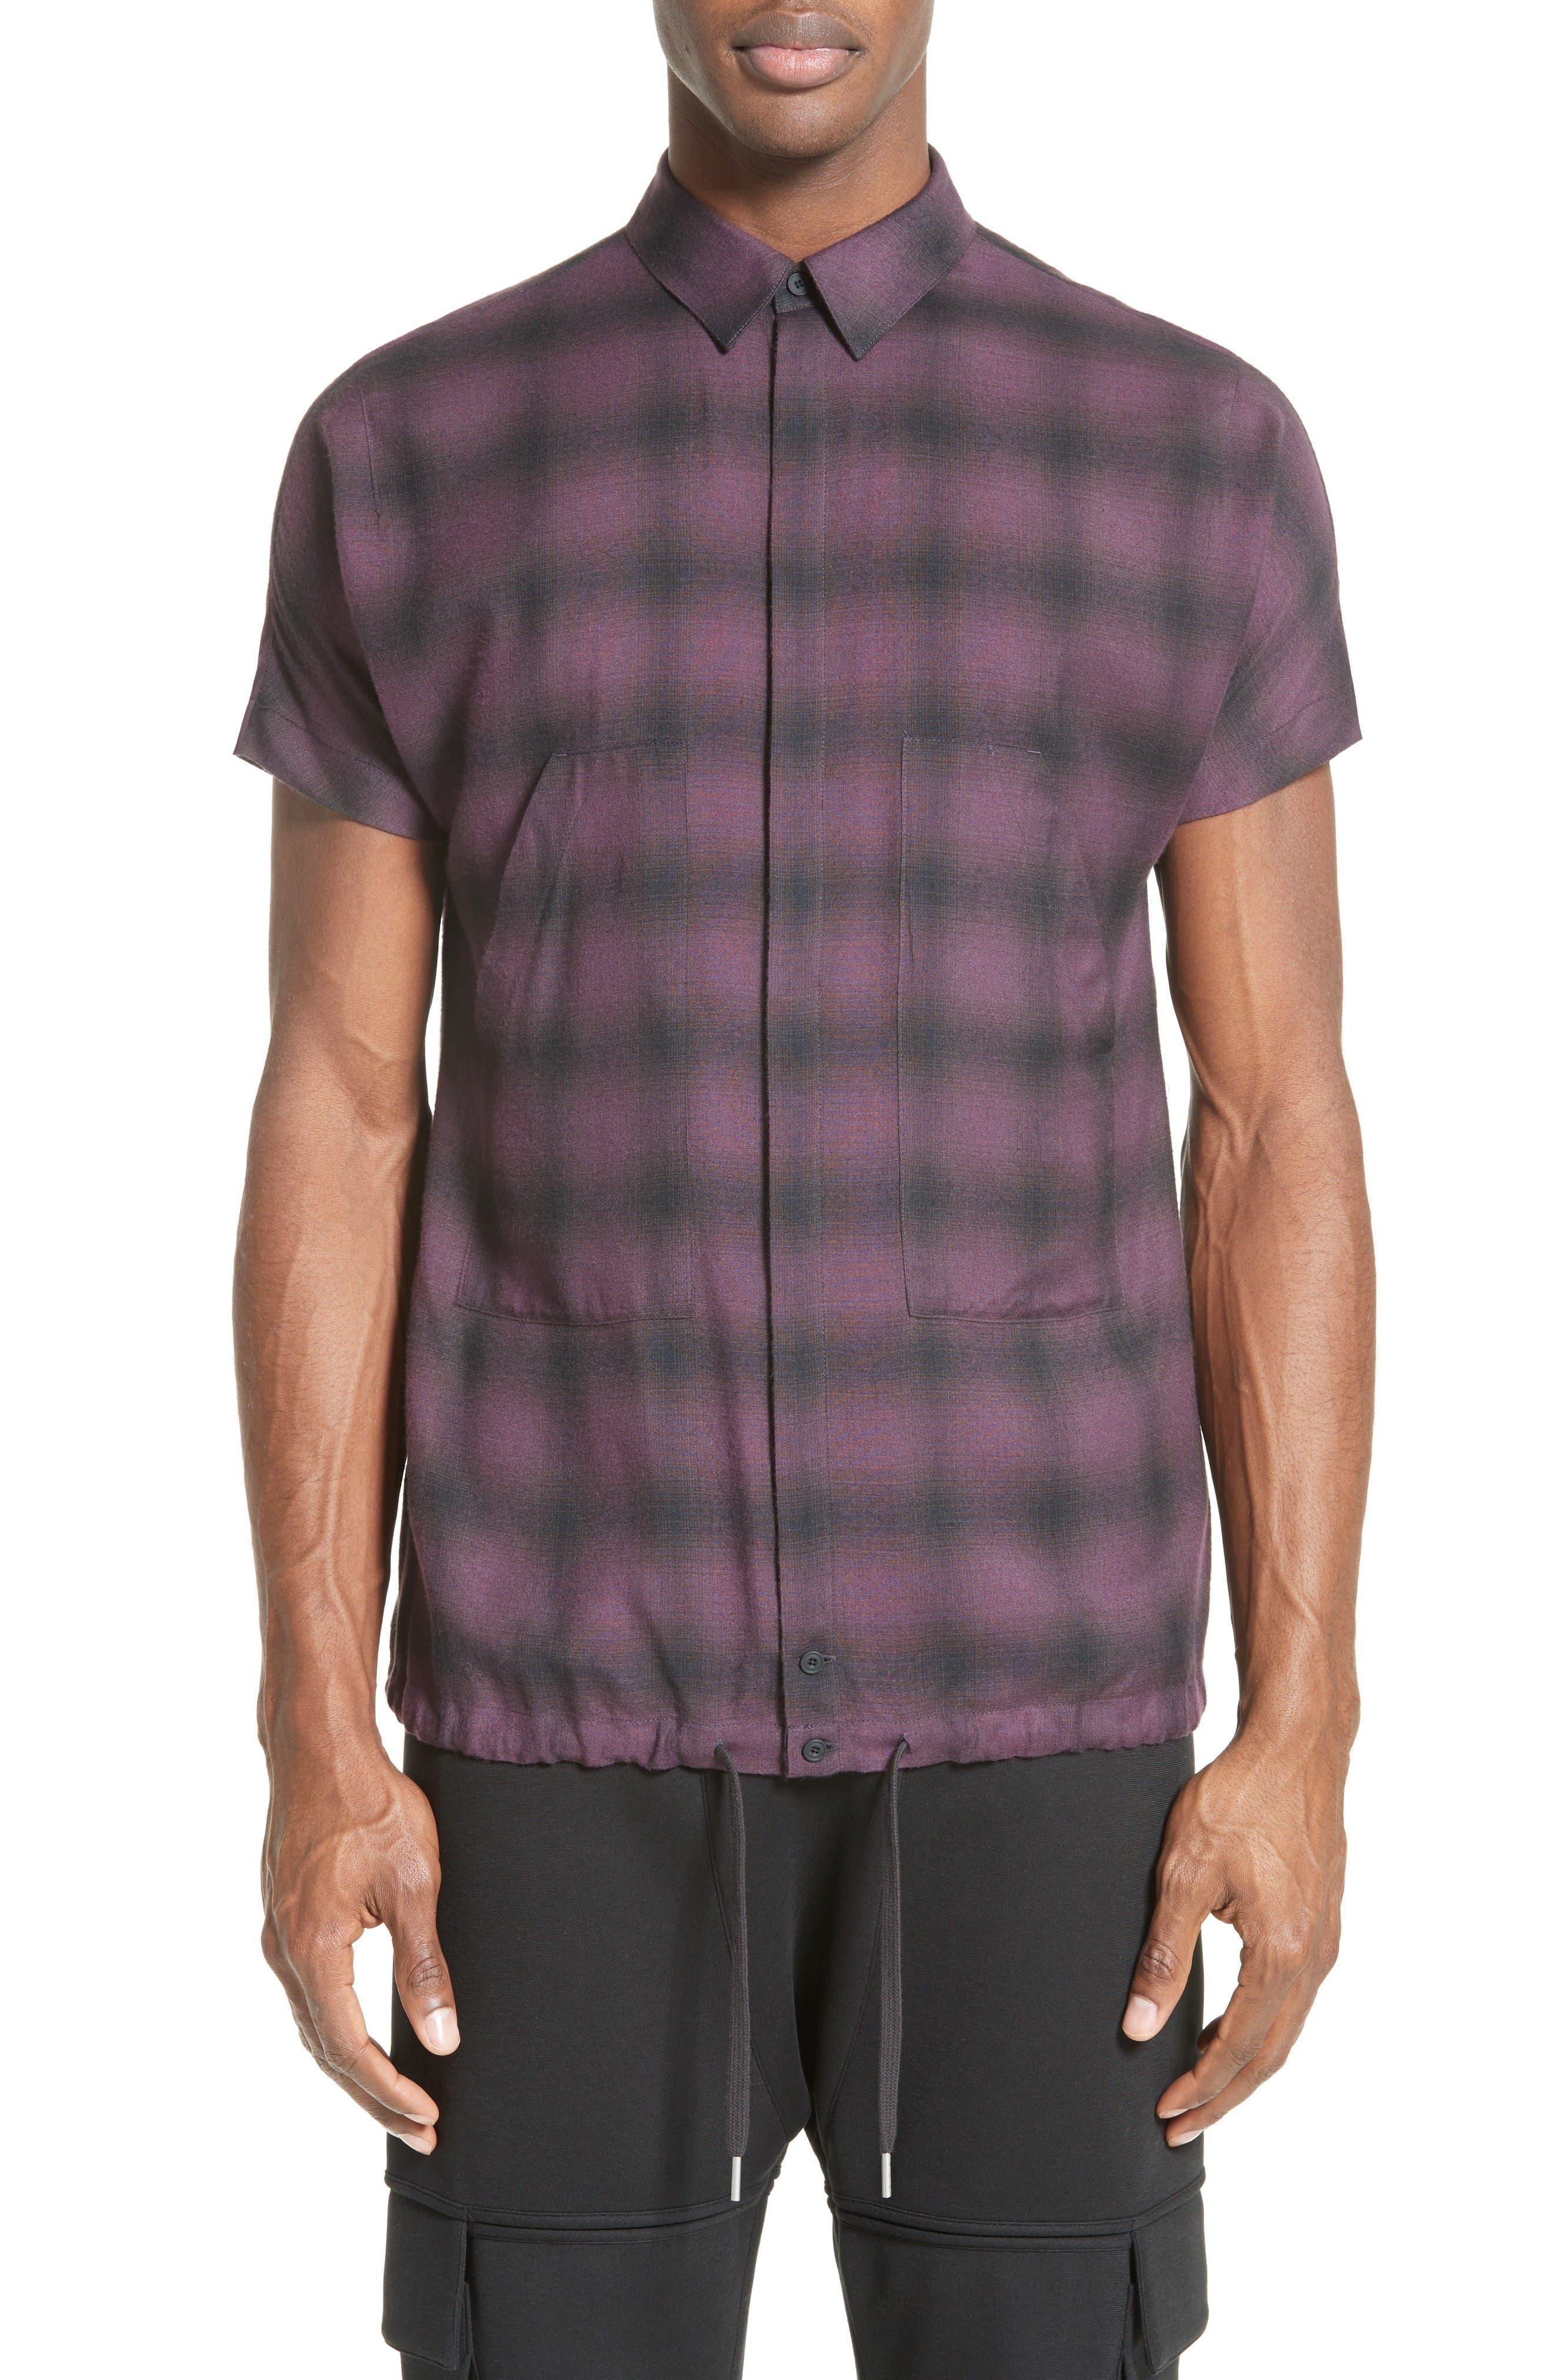 Helmut Lang Ombré Check Short Sleeve Sport Shirt